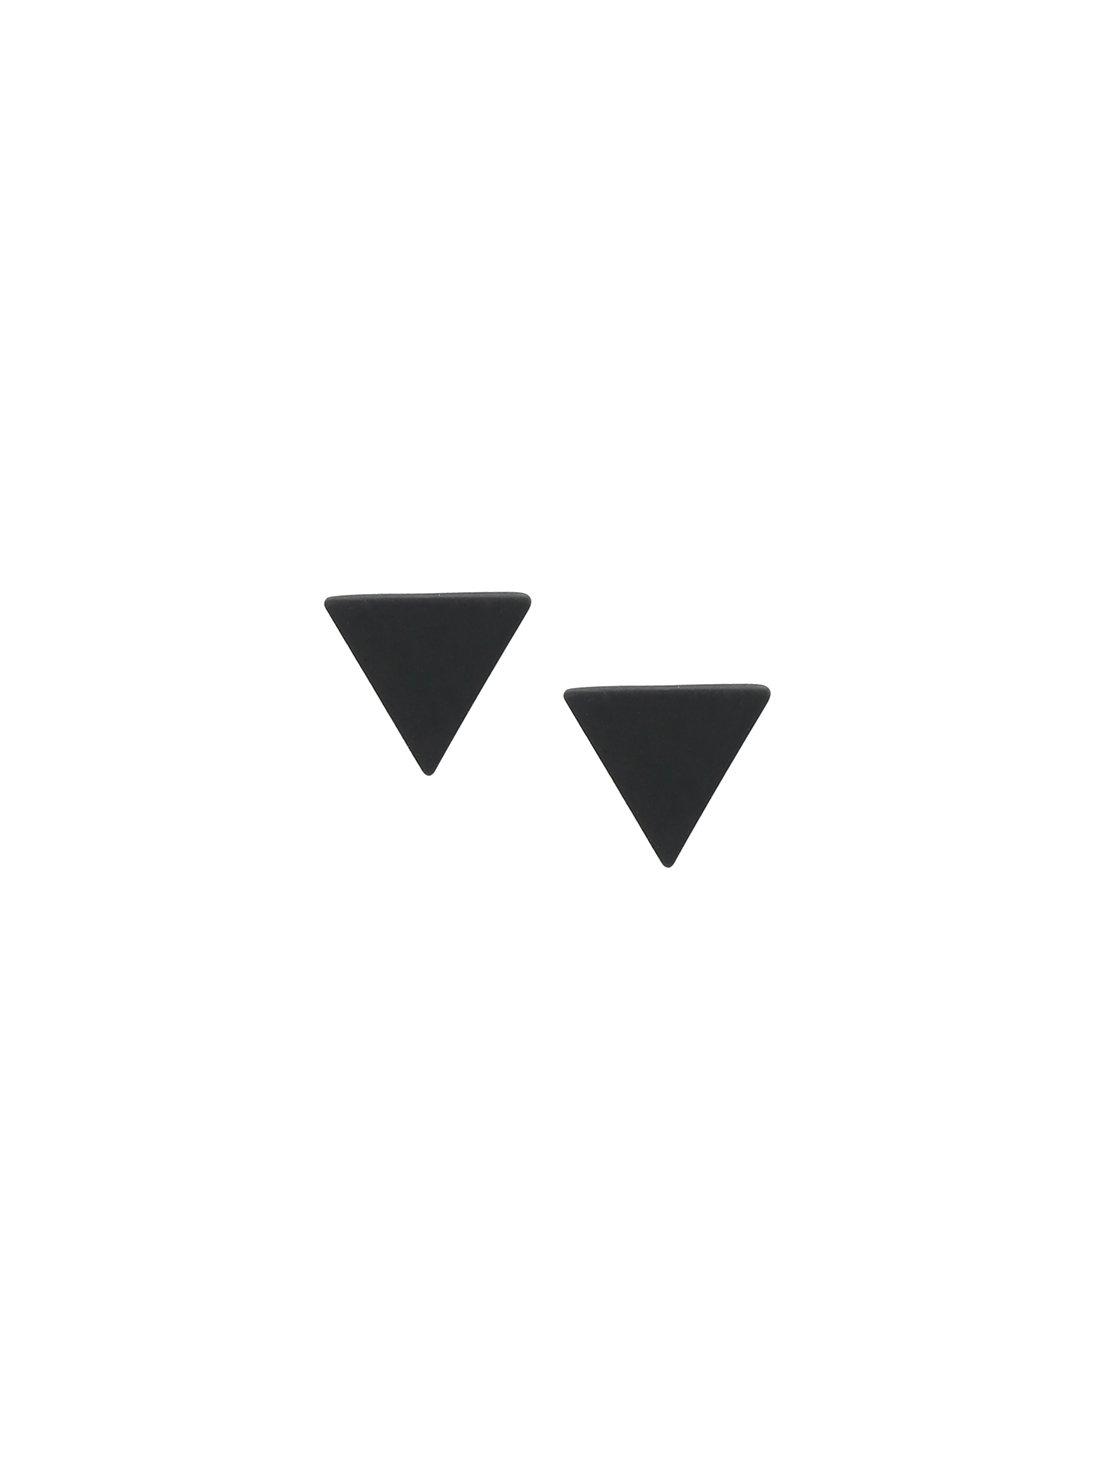 Black Minimalist Triangle Ear Studs